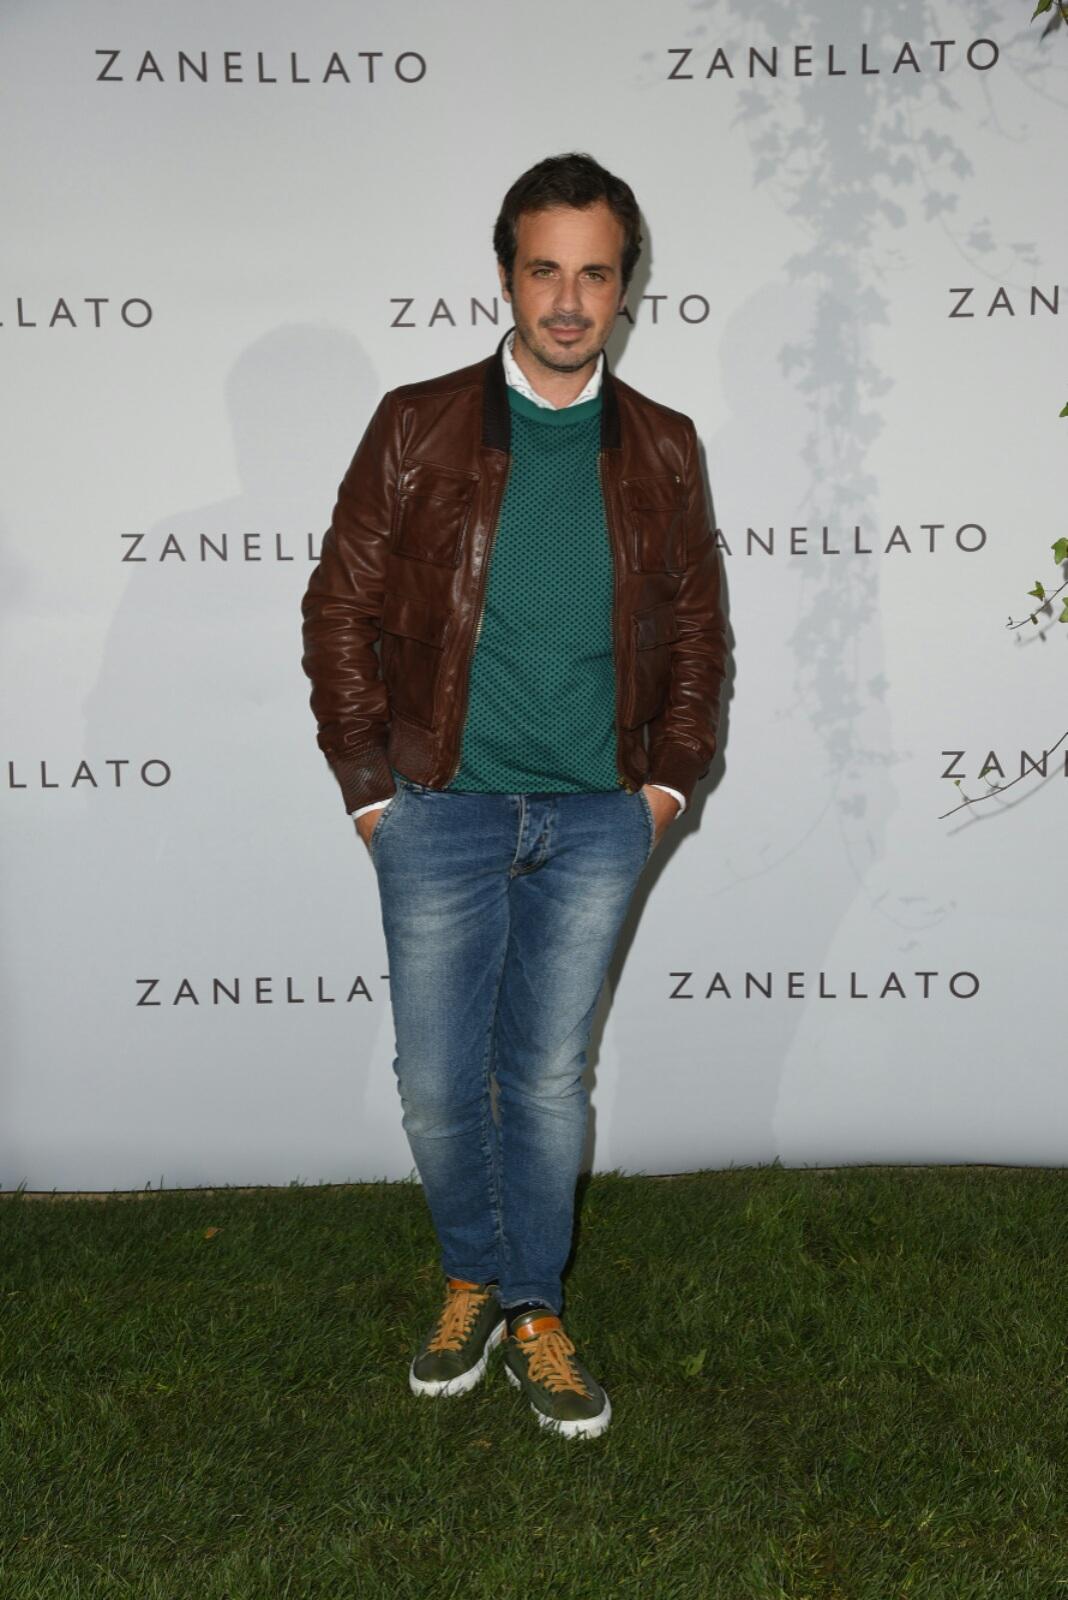 Zanellato edizione mariposa il blog del marchese for Zanellato milano